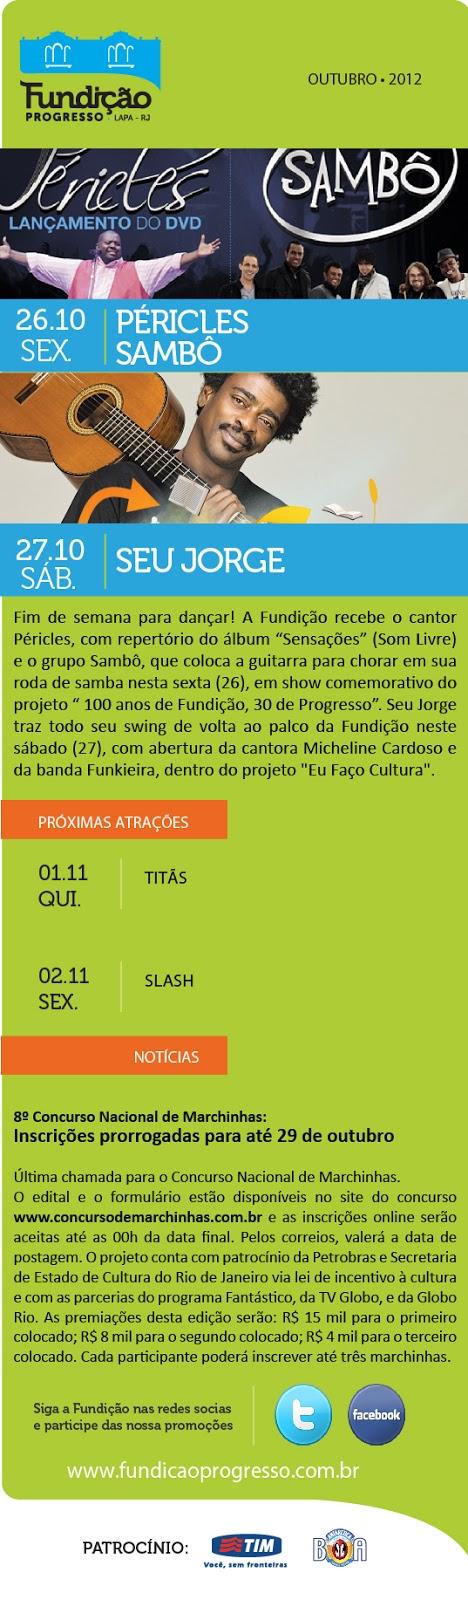 2df82ade62 Programação da Fundição Progresso  dia 26 10 Péricles Sambô e 27 10 Seu  Jorge (RJ)